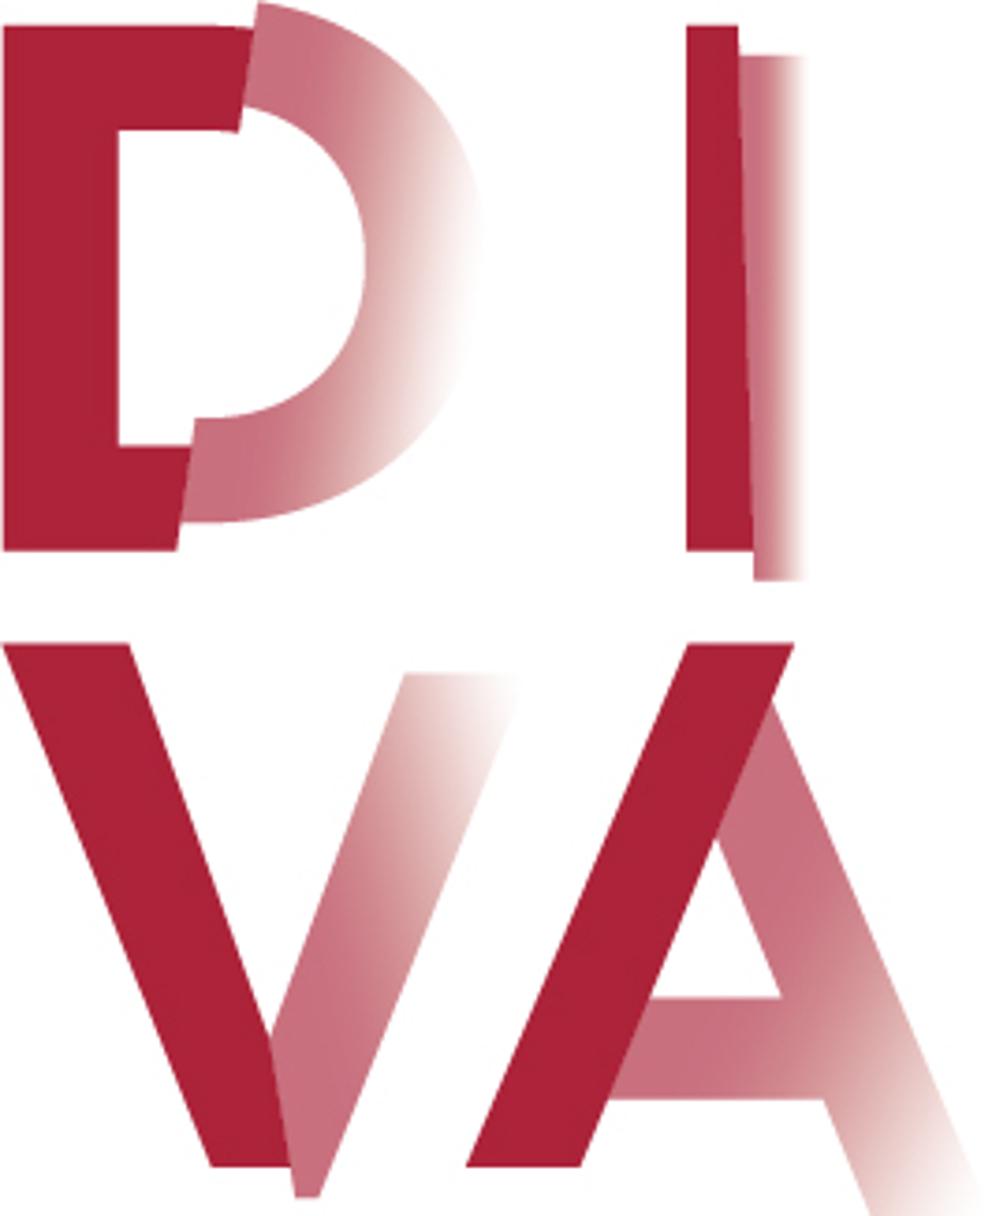 DIVA logo red